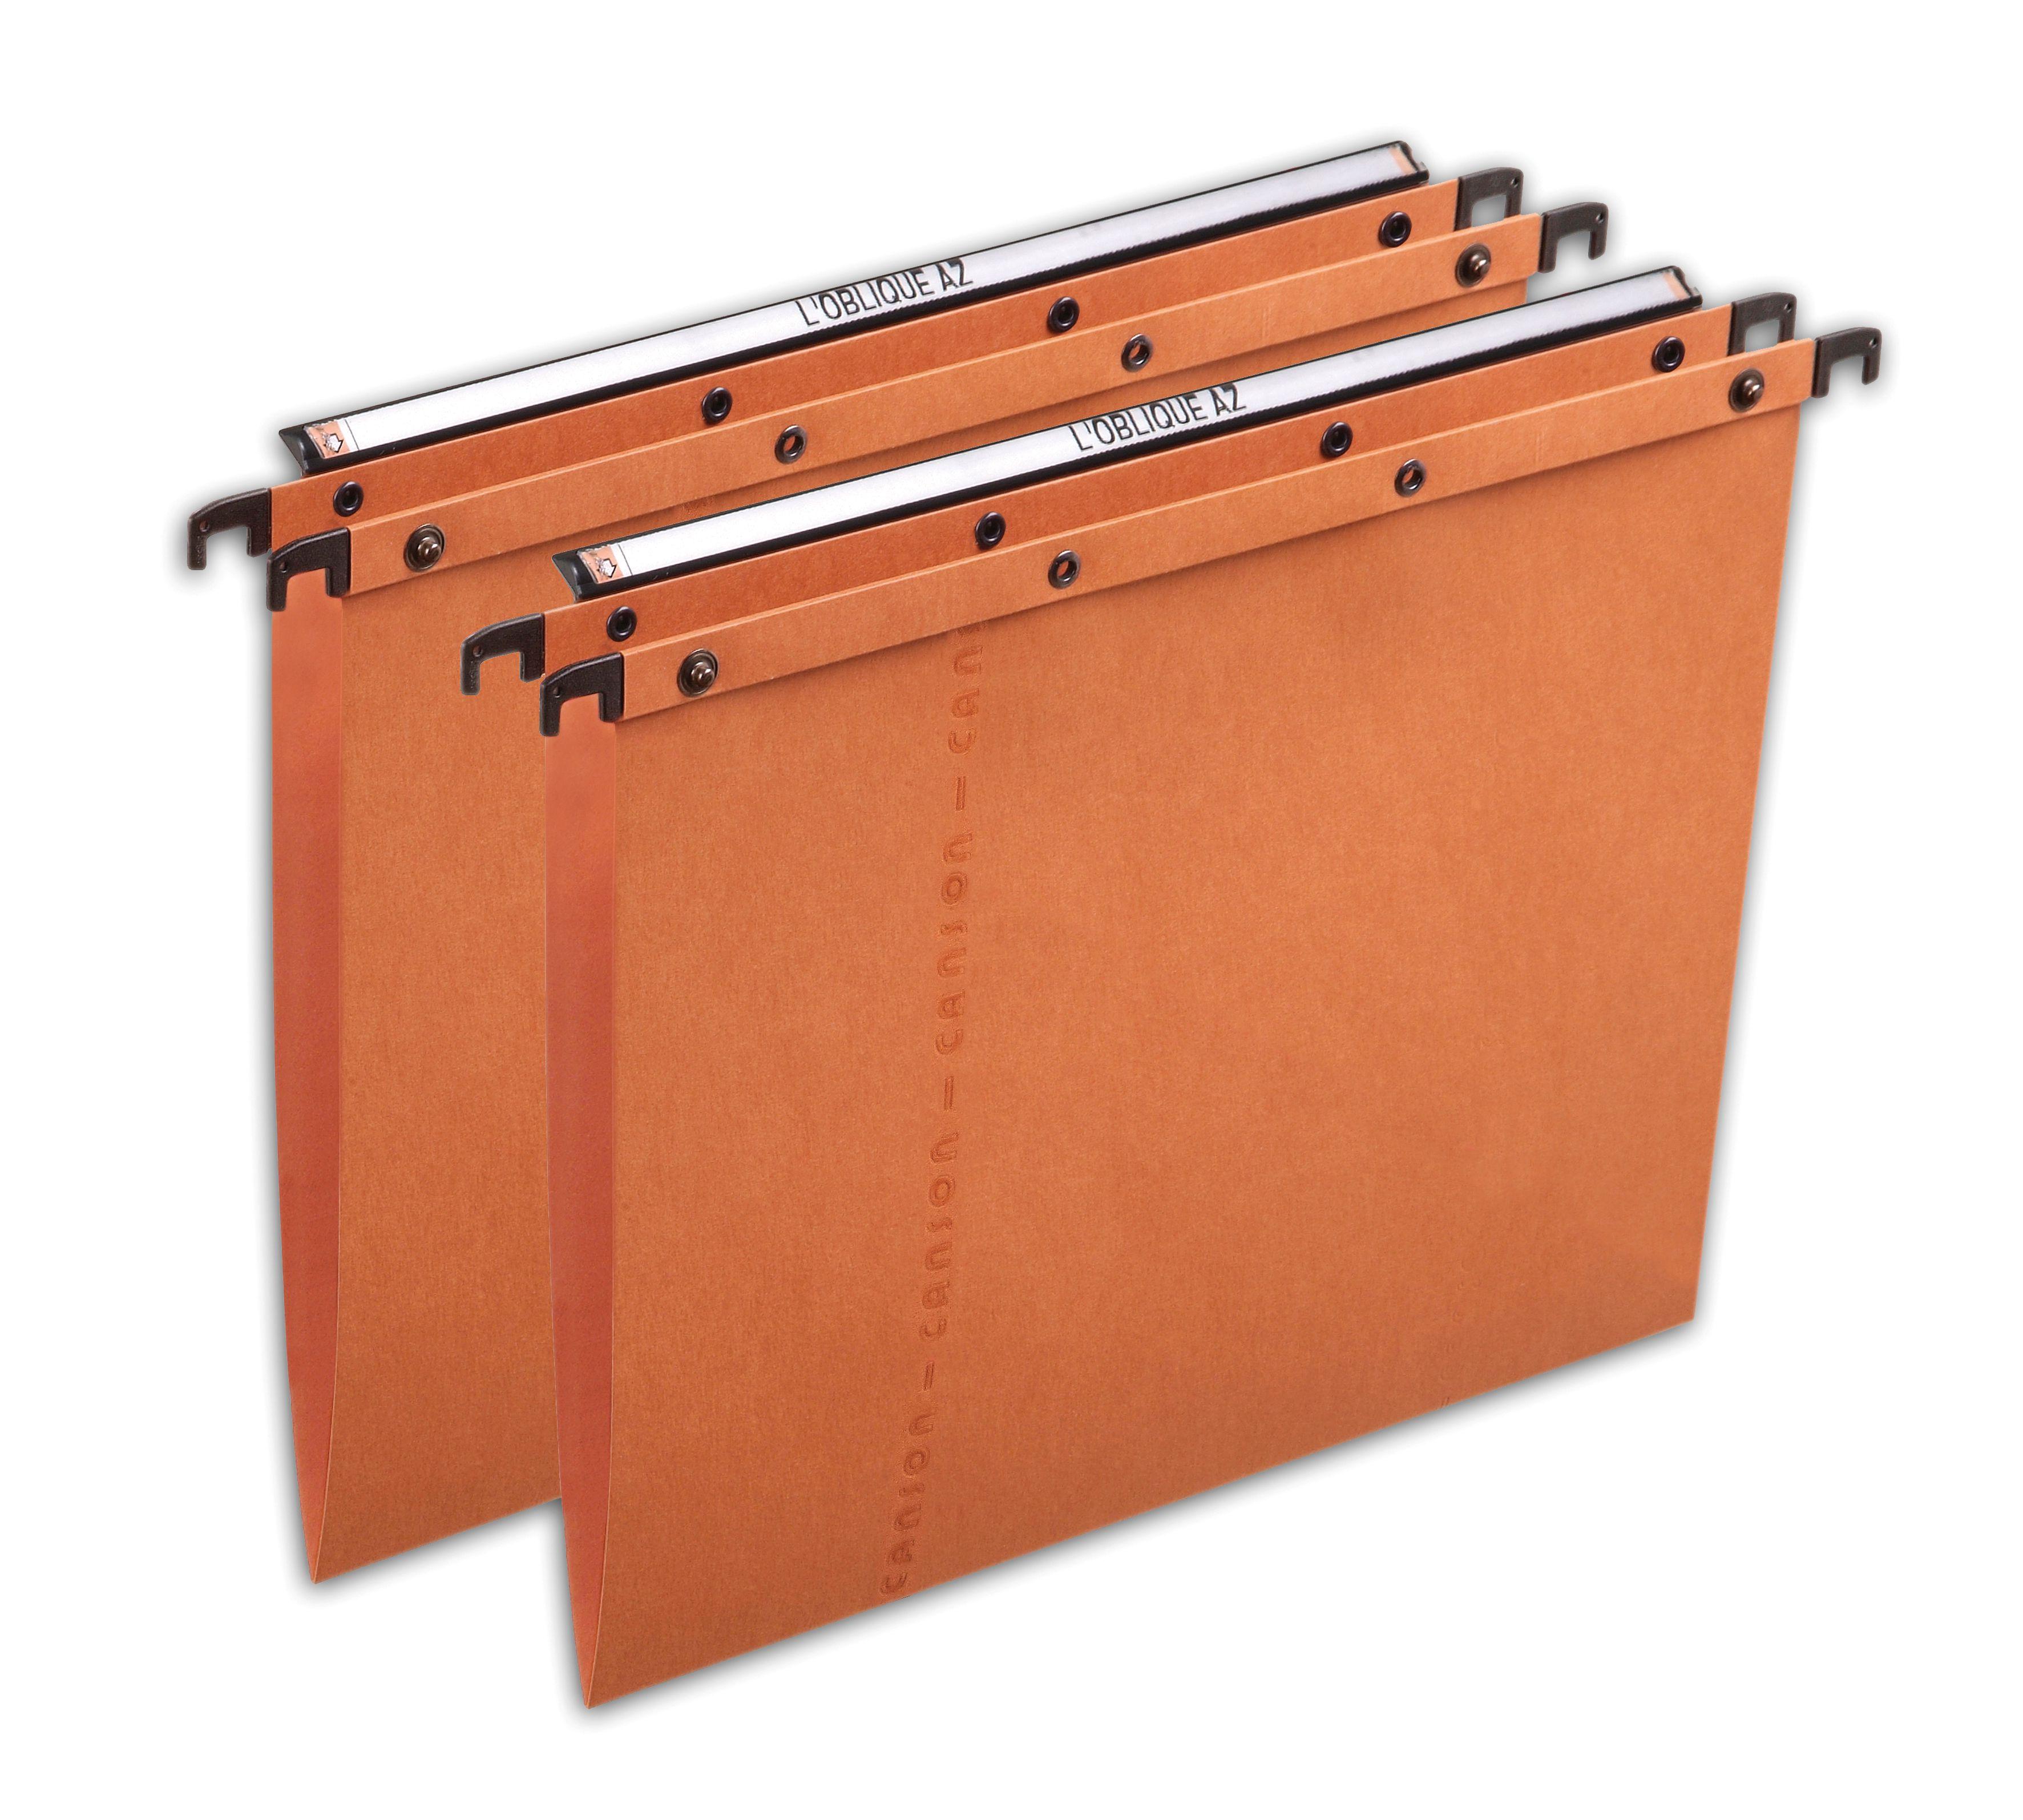 L 39 oblique suspension file vbase orange a4 pack 25 for Suspension fille